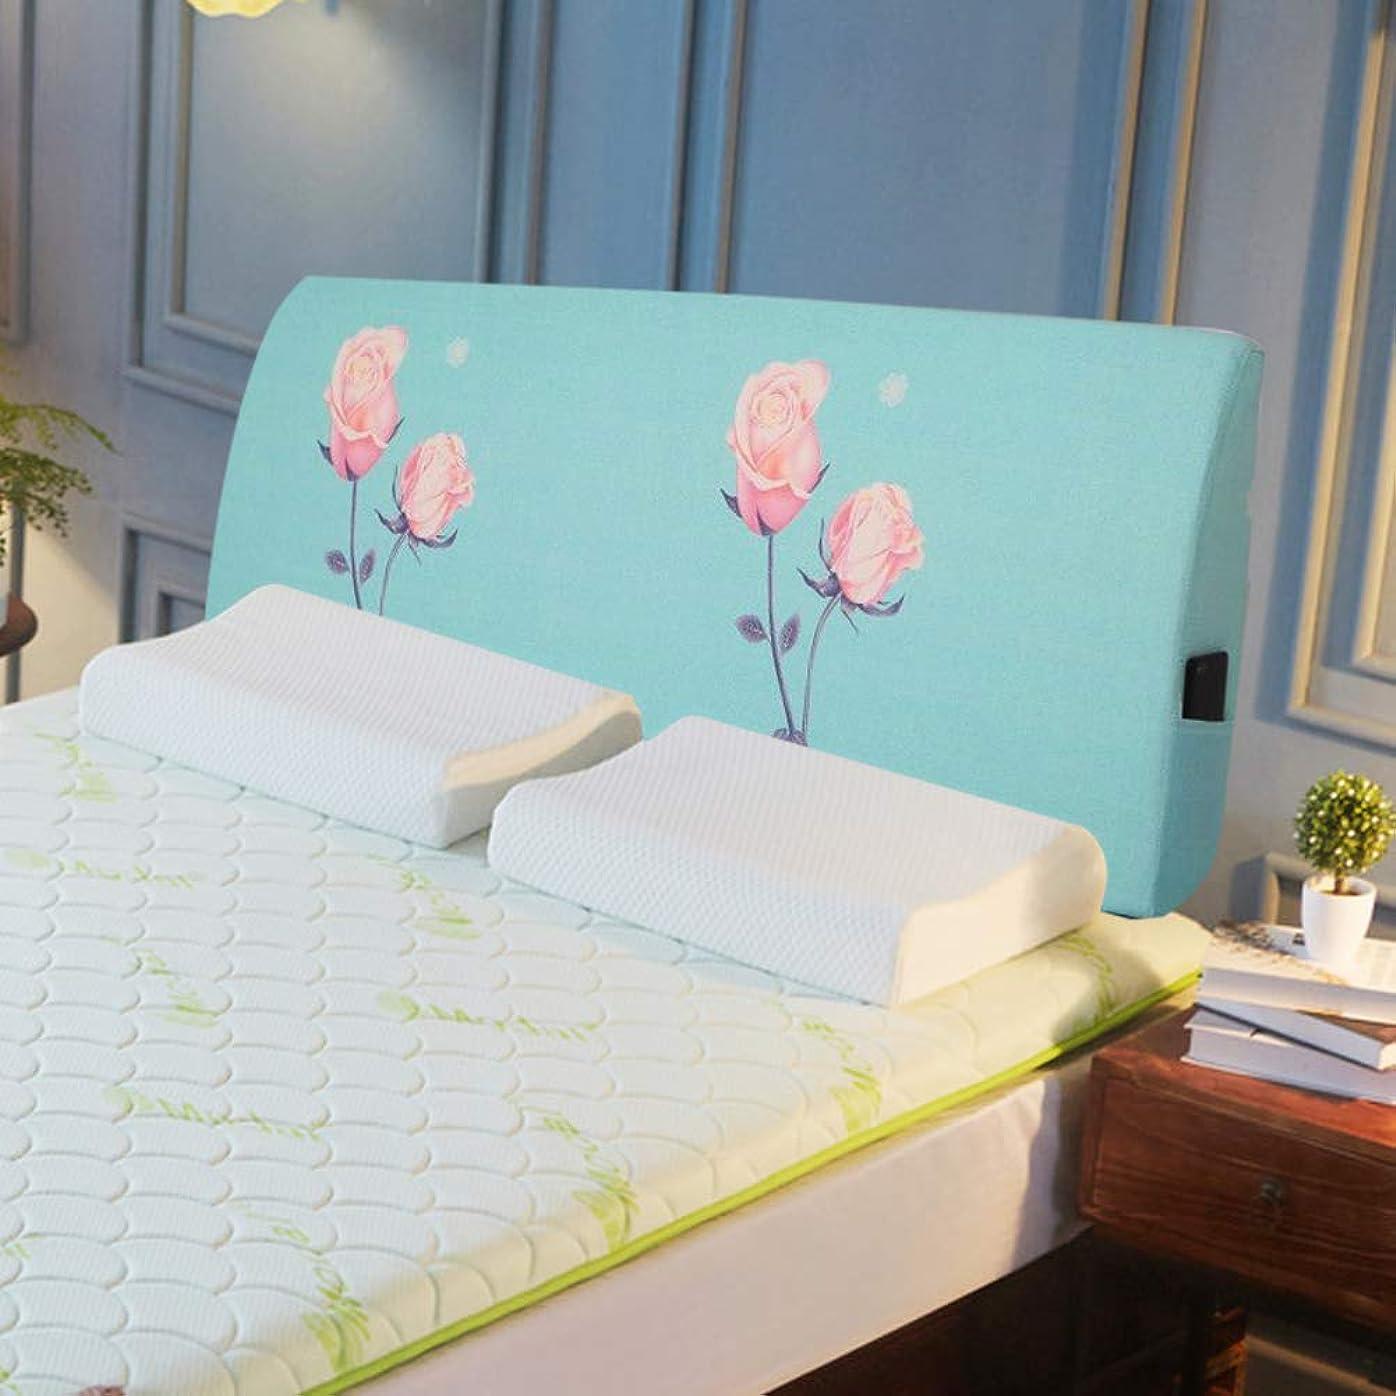 フィードアーティキュレーション韓国ベッドなし クッション, ソフトバッグ 畳 ベッド 大きな背もたれ, ベッドリネン カバー リムーバブル洗浄, パディング スポンジ-s